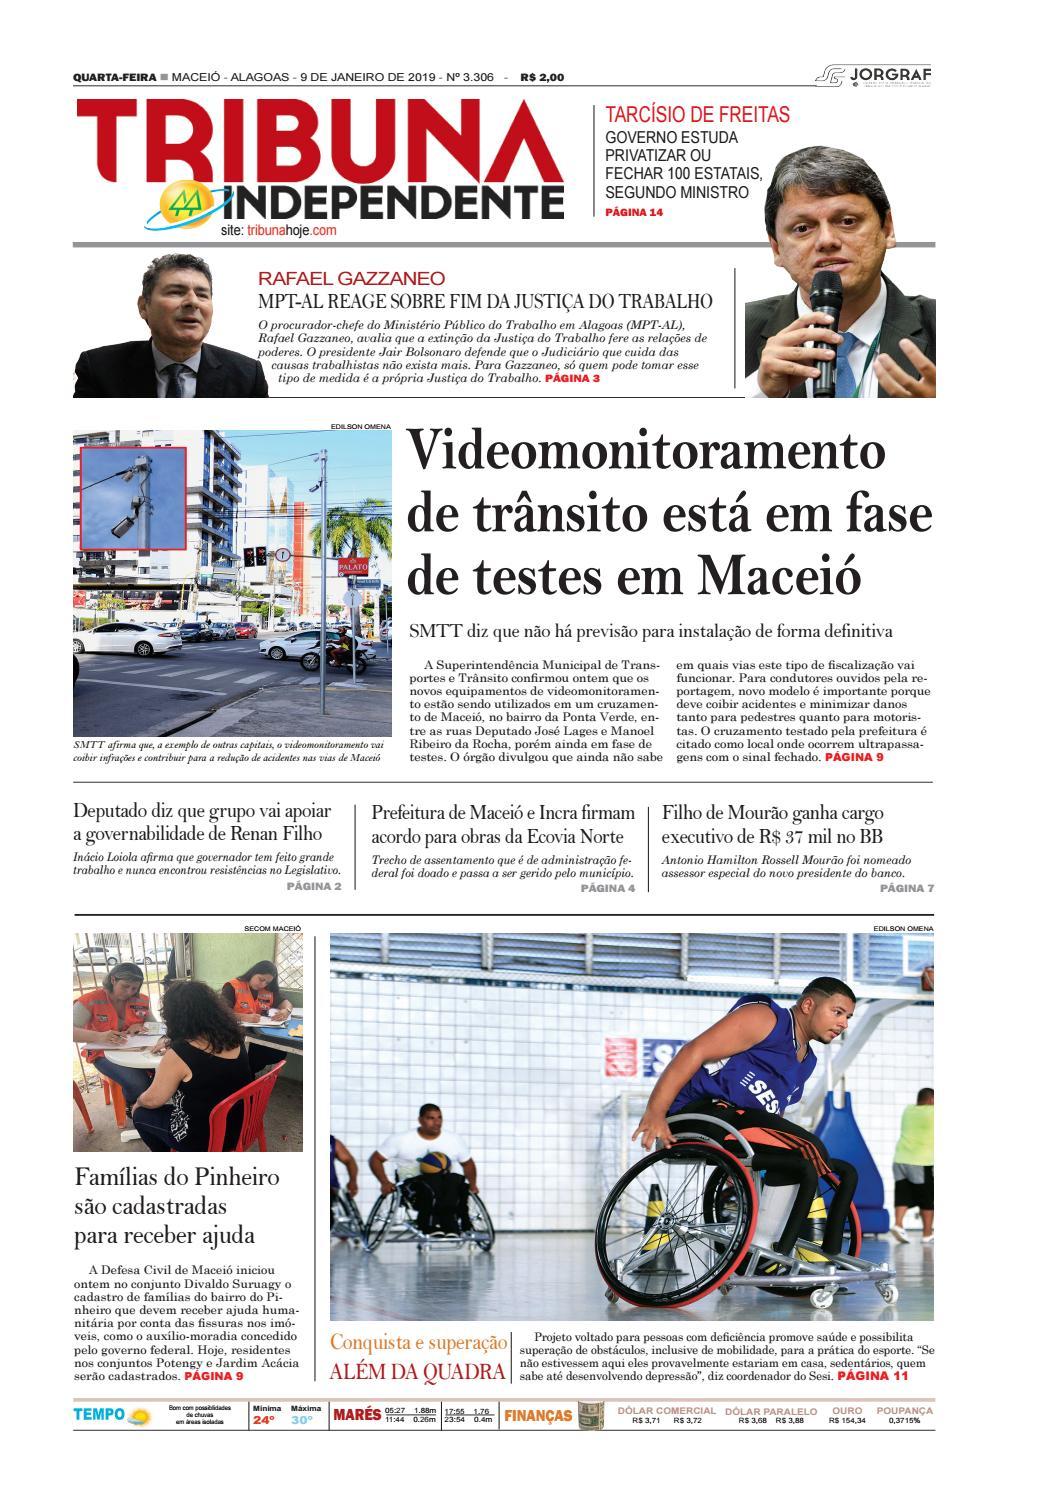 b6d2ce62da1 Edição número 3306 - 9 de janeiro de 2019 by Tribuna Hoje - issuu